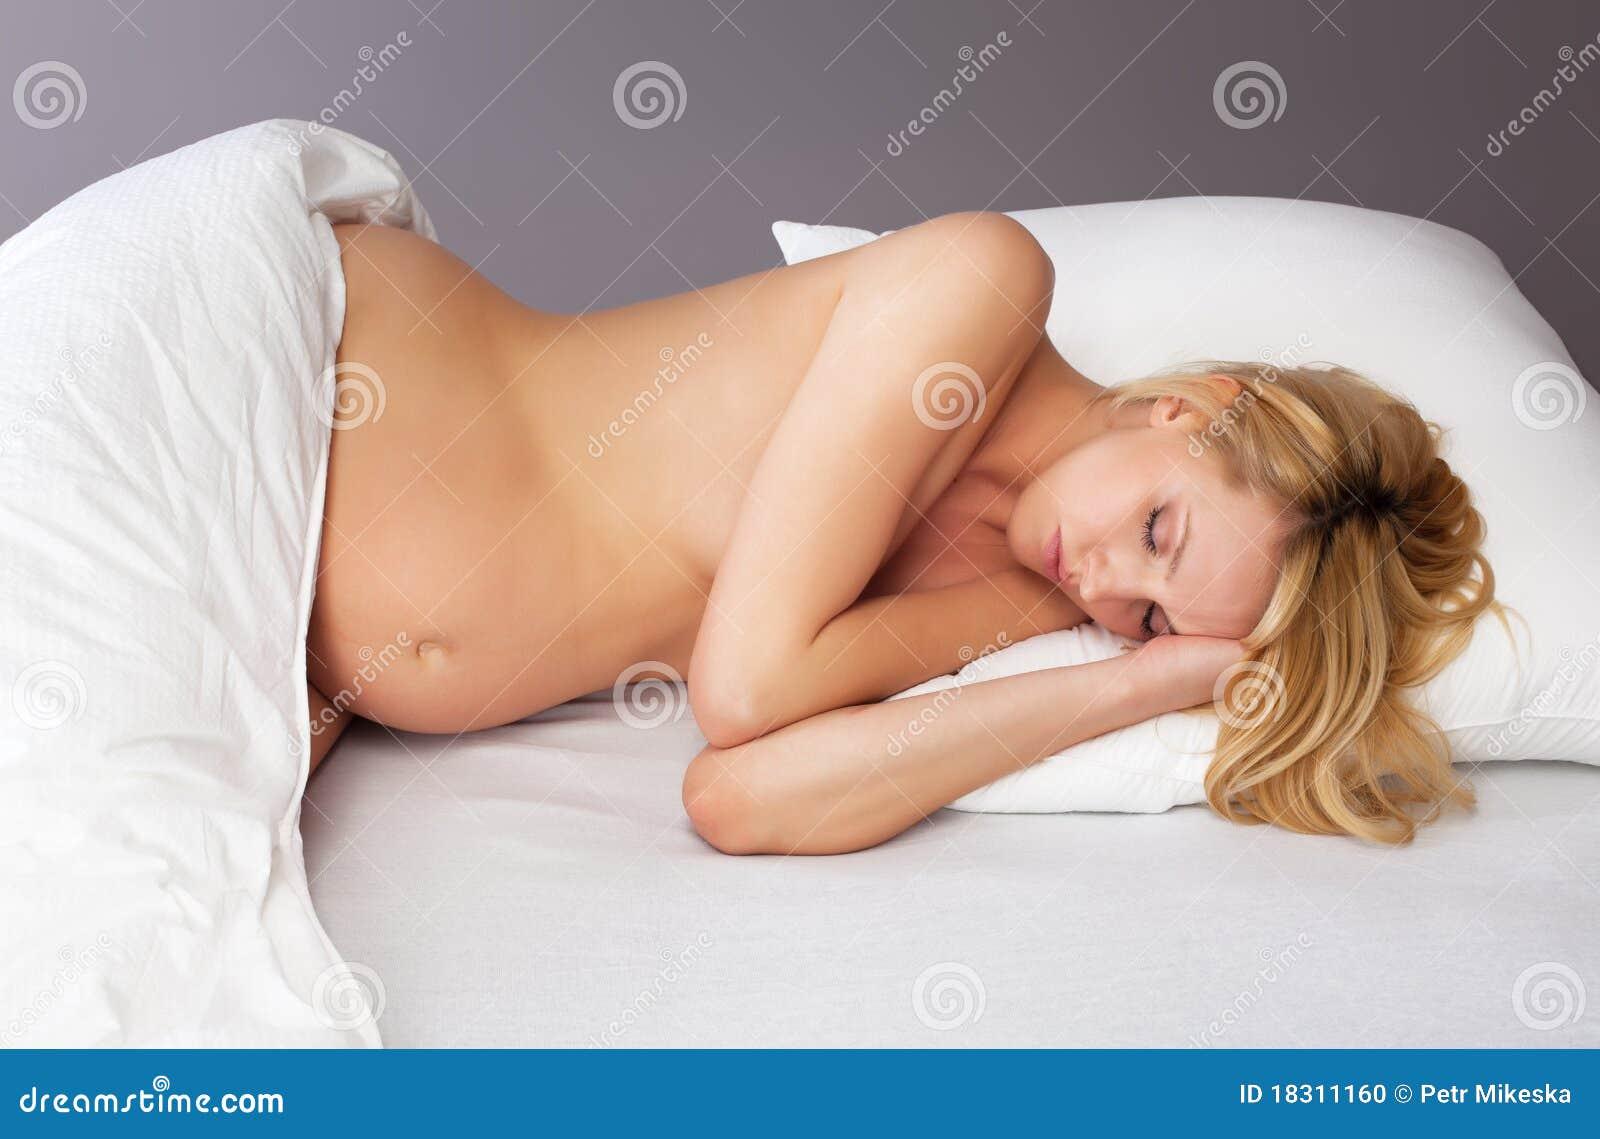 К чему снится голая сестра